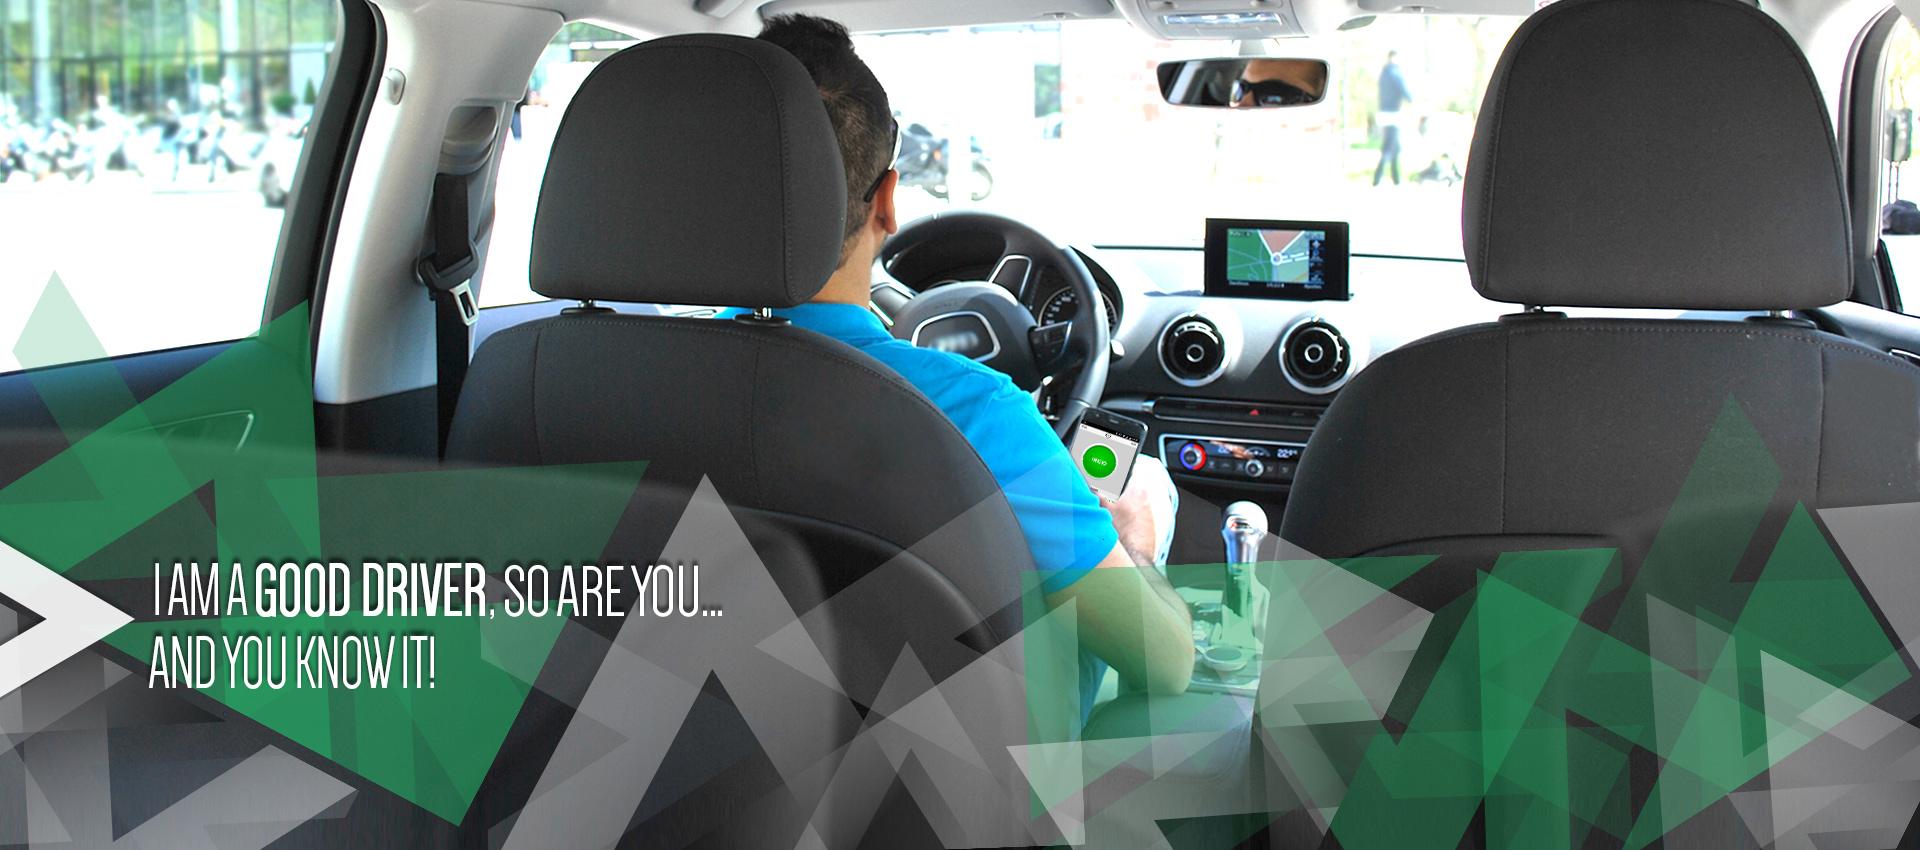 Drive Smart homepage imagen 1